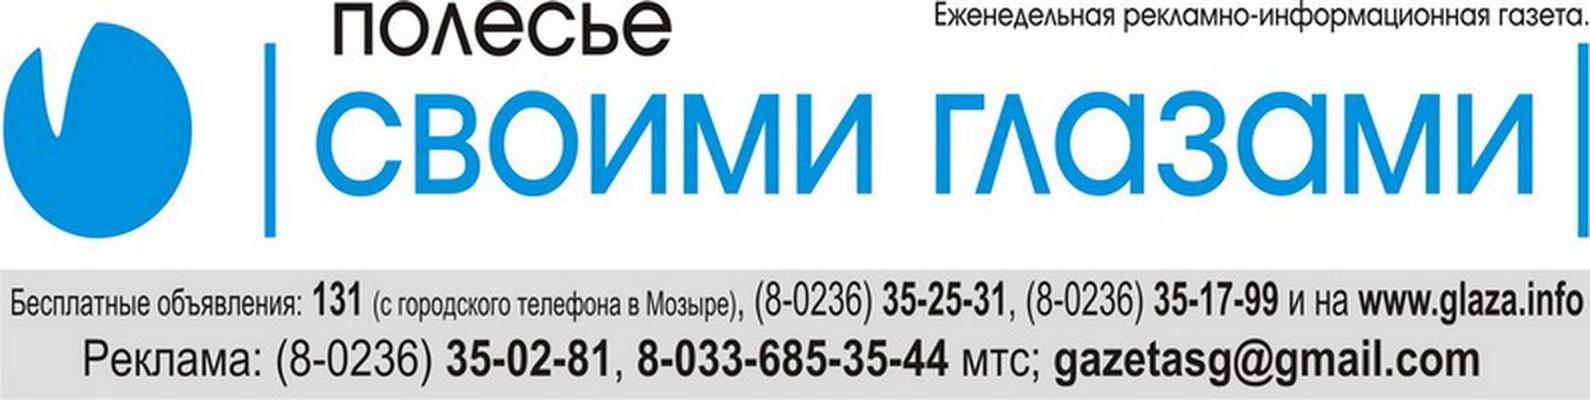 Газета своими глазами частные объявления вакансии калинковичи дать объявление бесплатно недвижимость башкирия